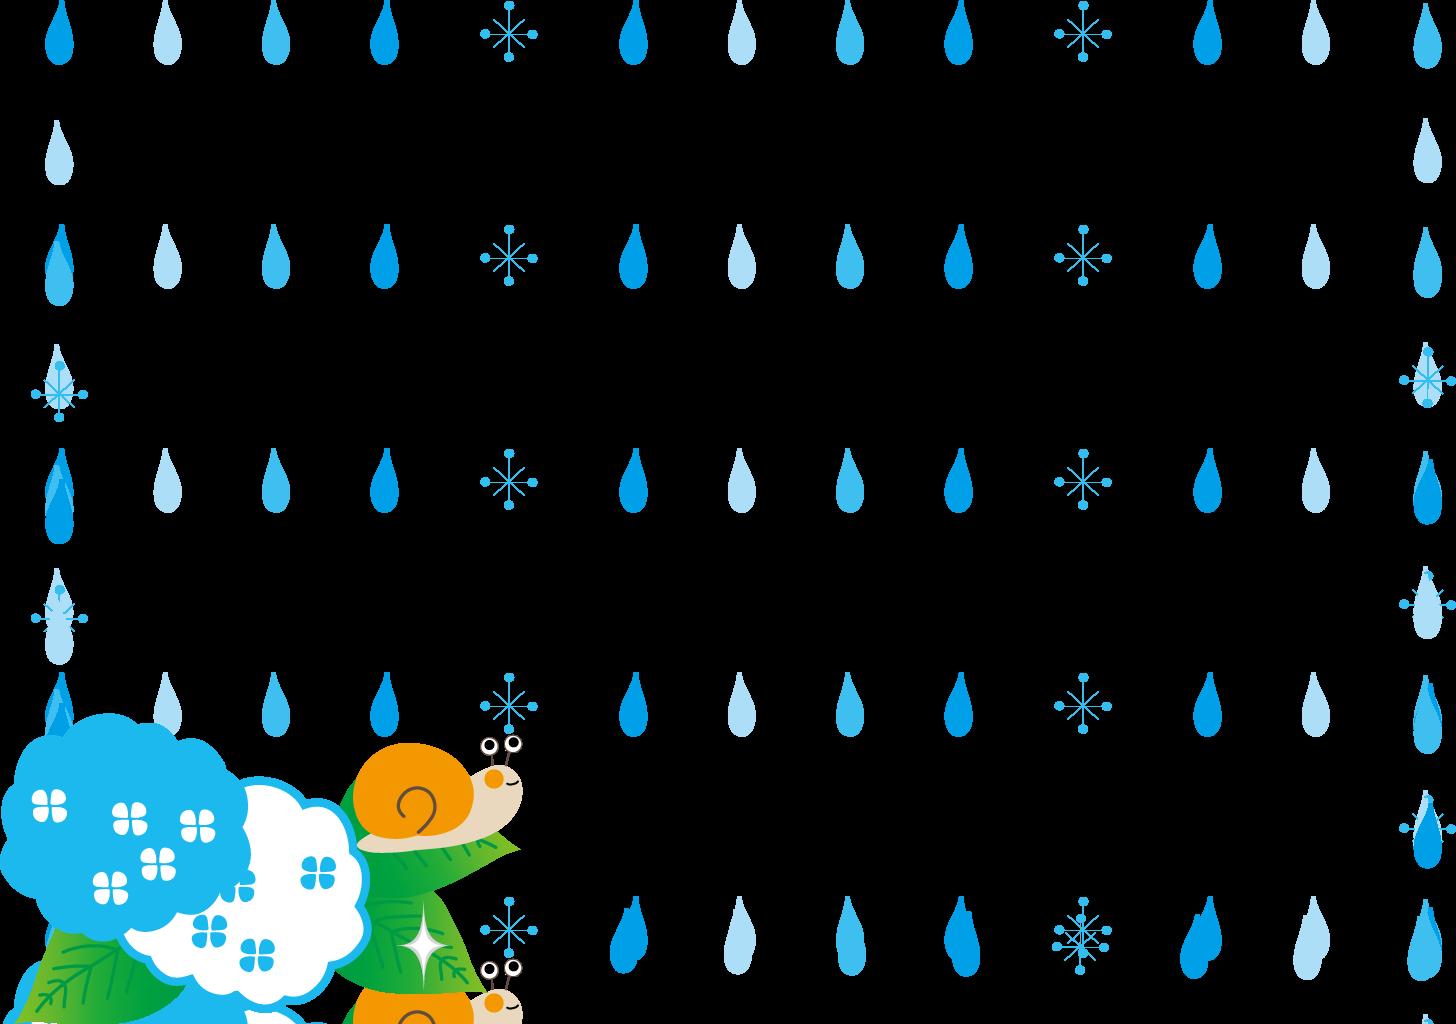 飾り枠・ライン・無料イラスト素材/梅雨